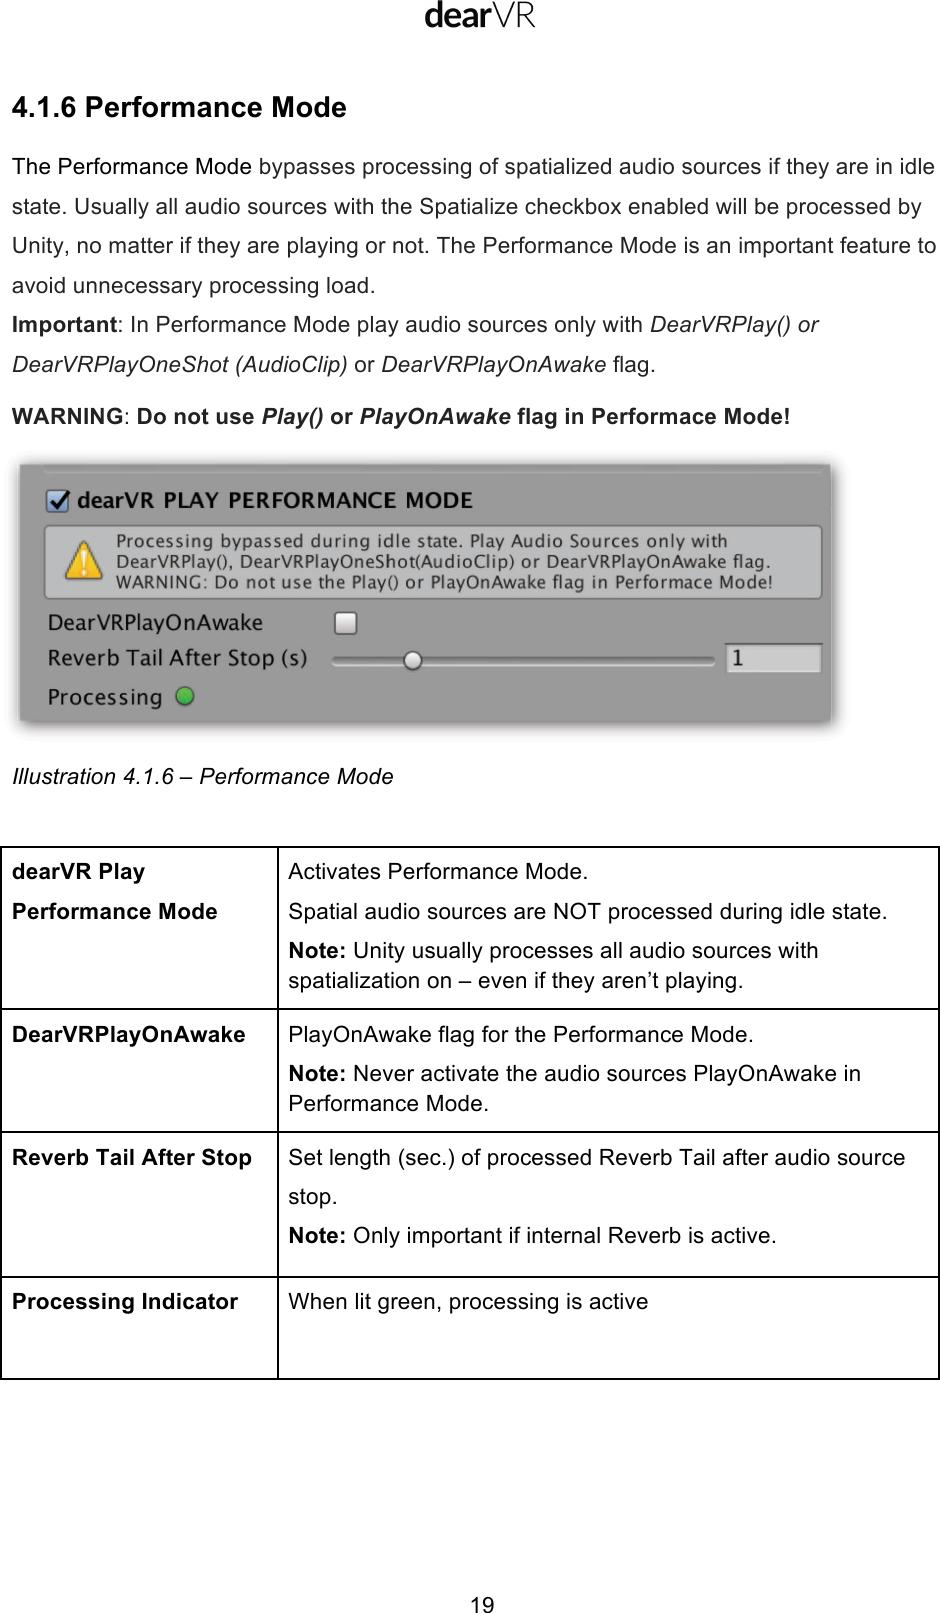 Dear VR User Manual